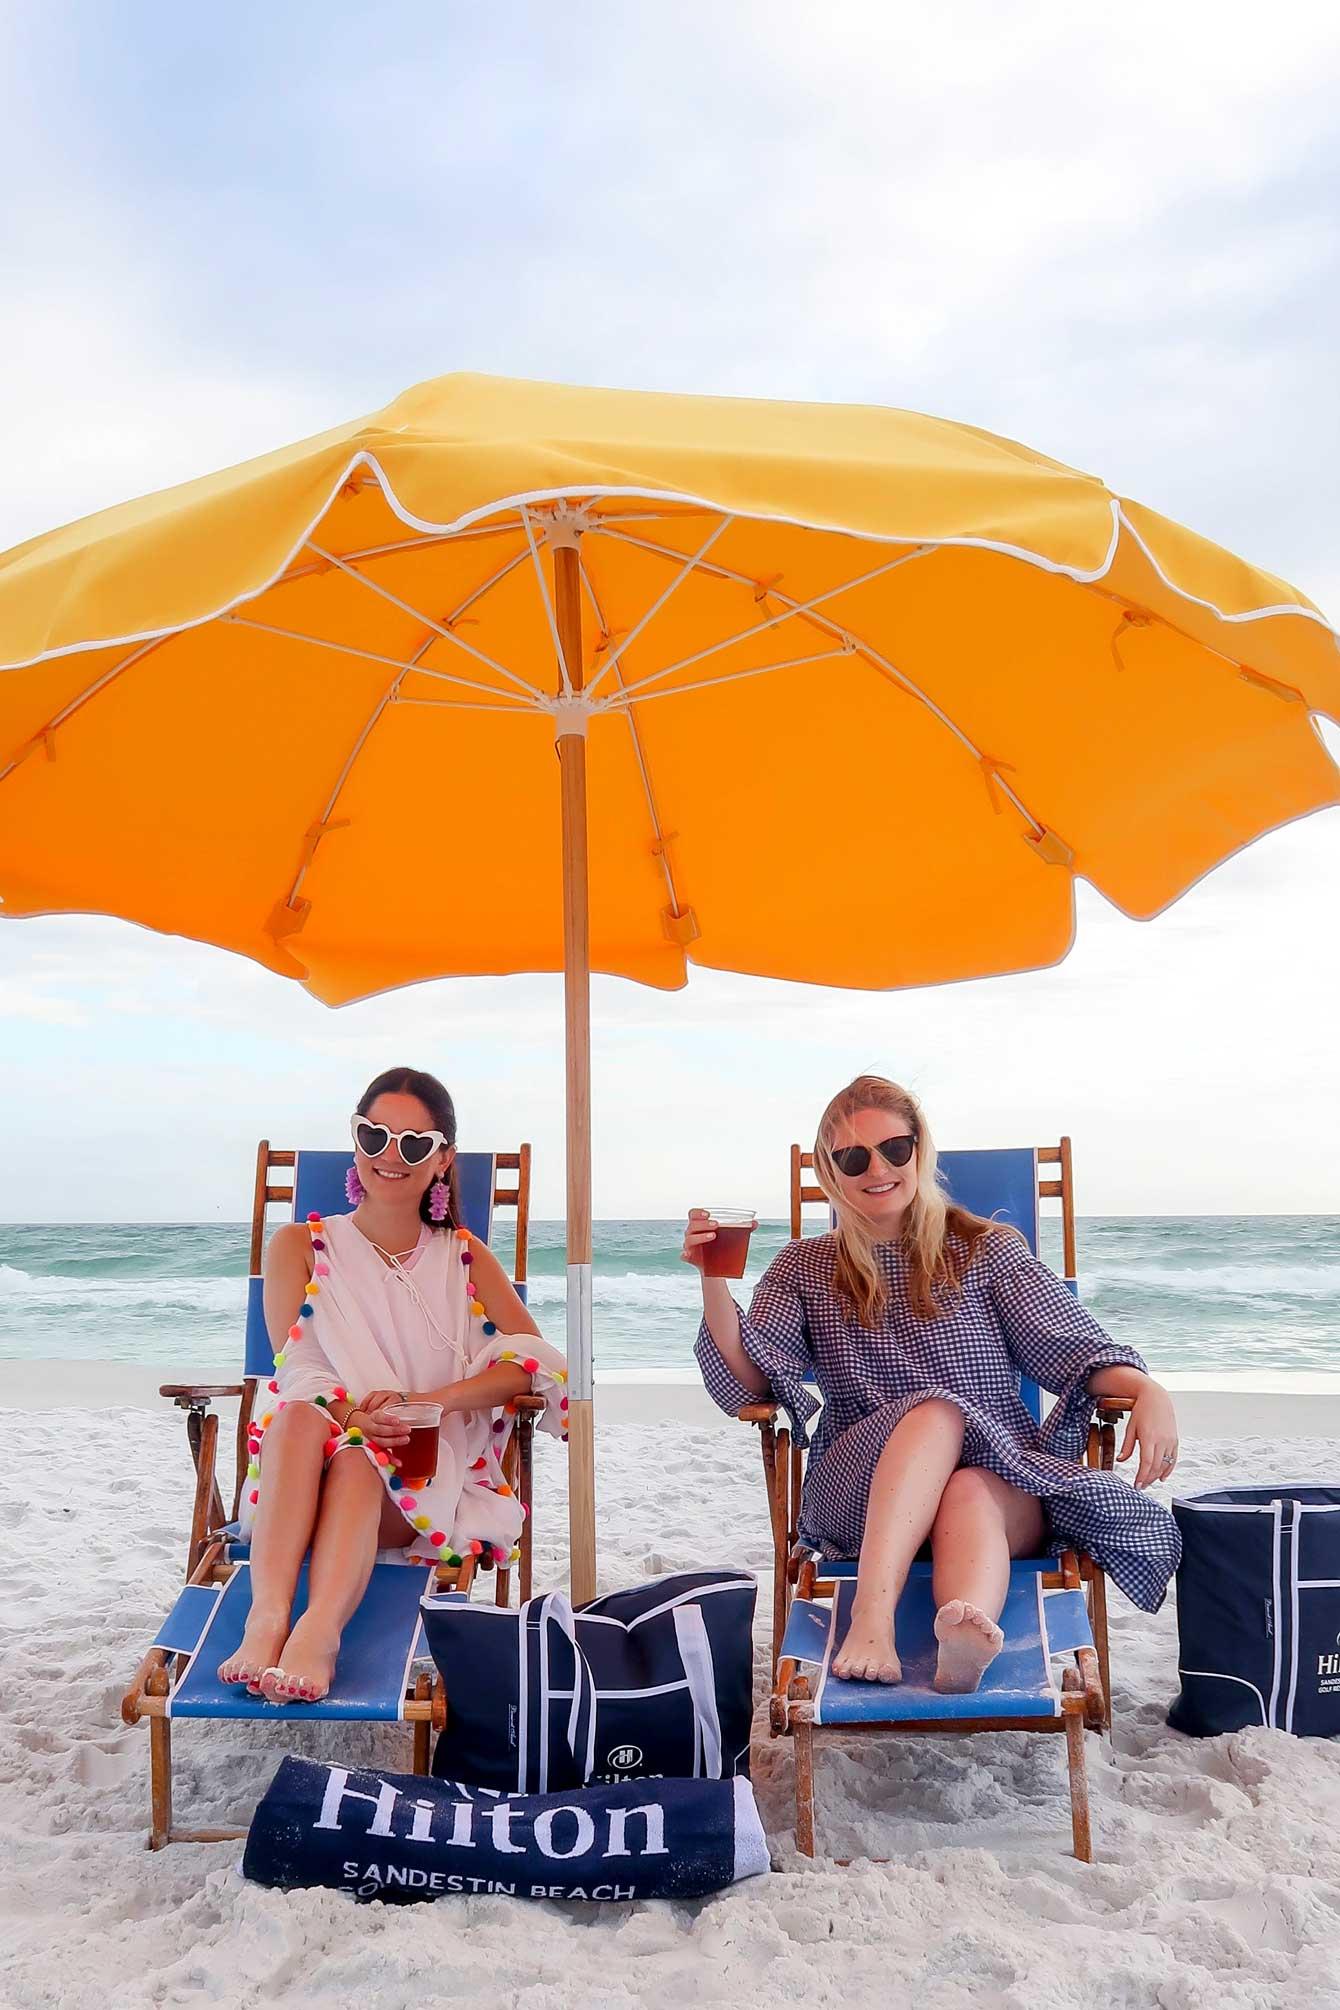 Jennifer Lake Kit Graham Hilton Sandestin Beach